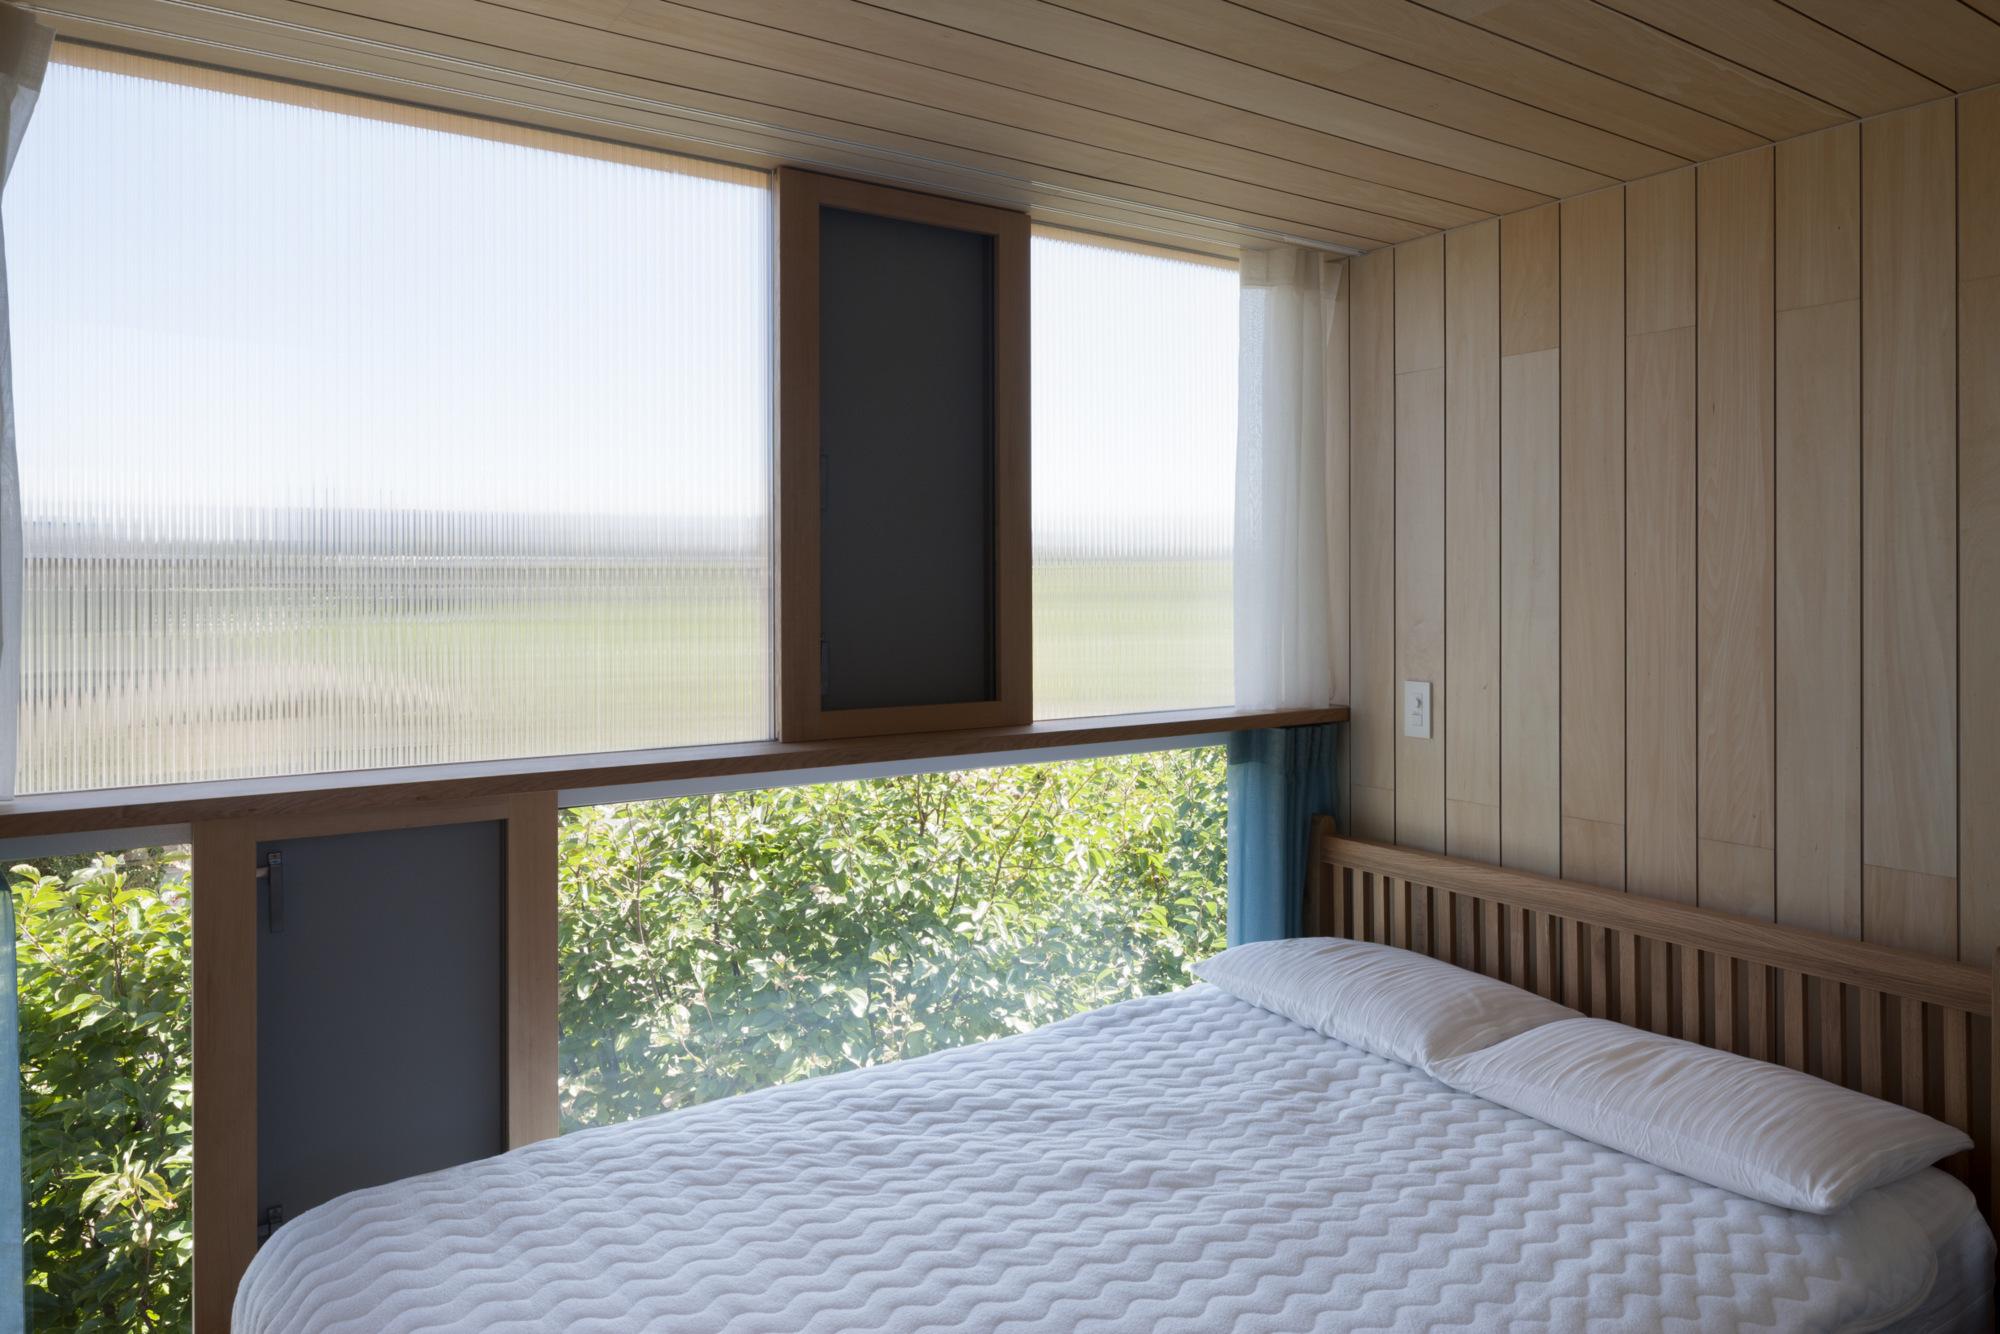 House Passage of Landscape / Ihrmk (10)